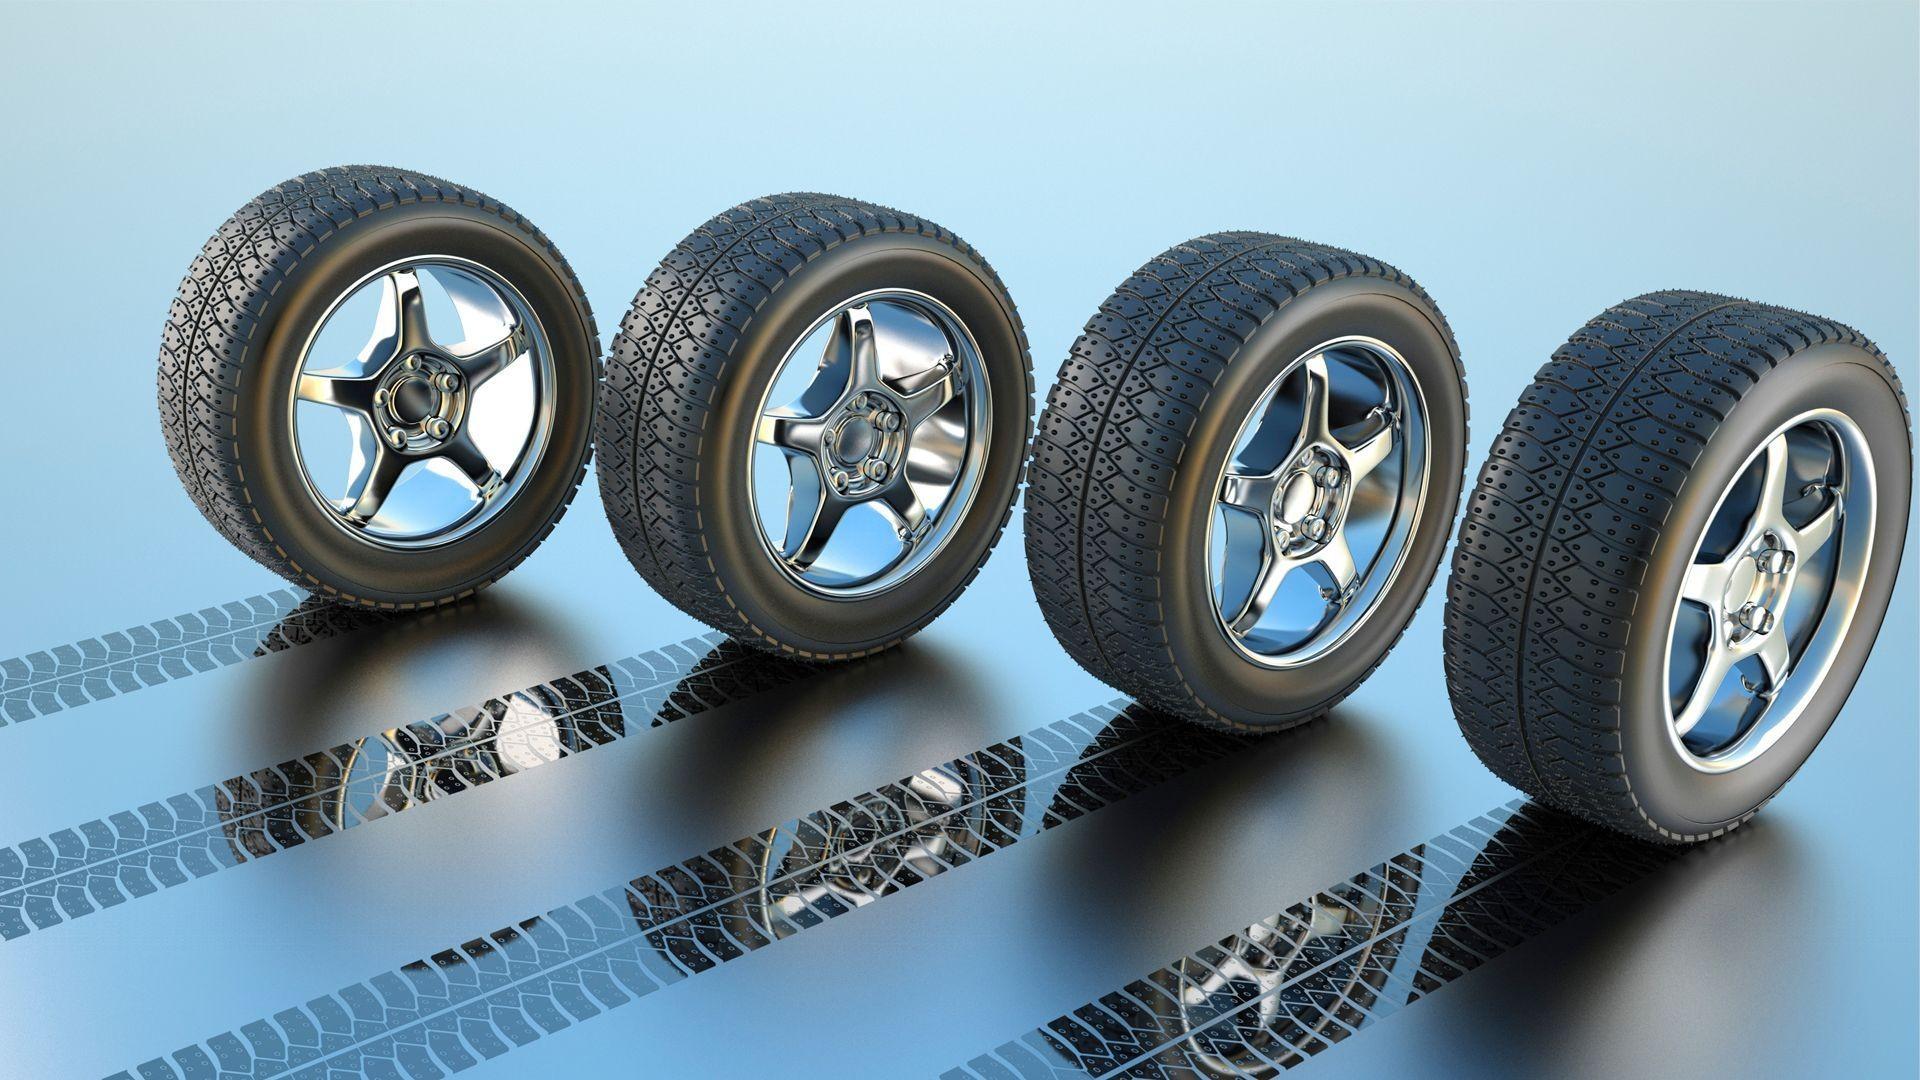 Venta y reparación de neumáticos en Castelldefels